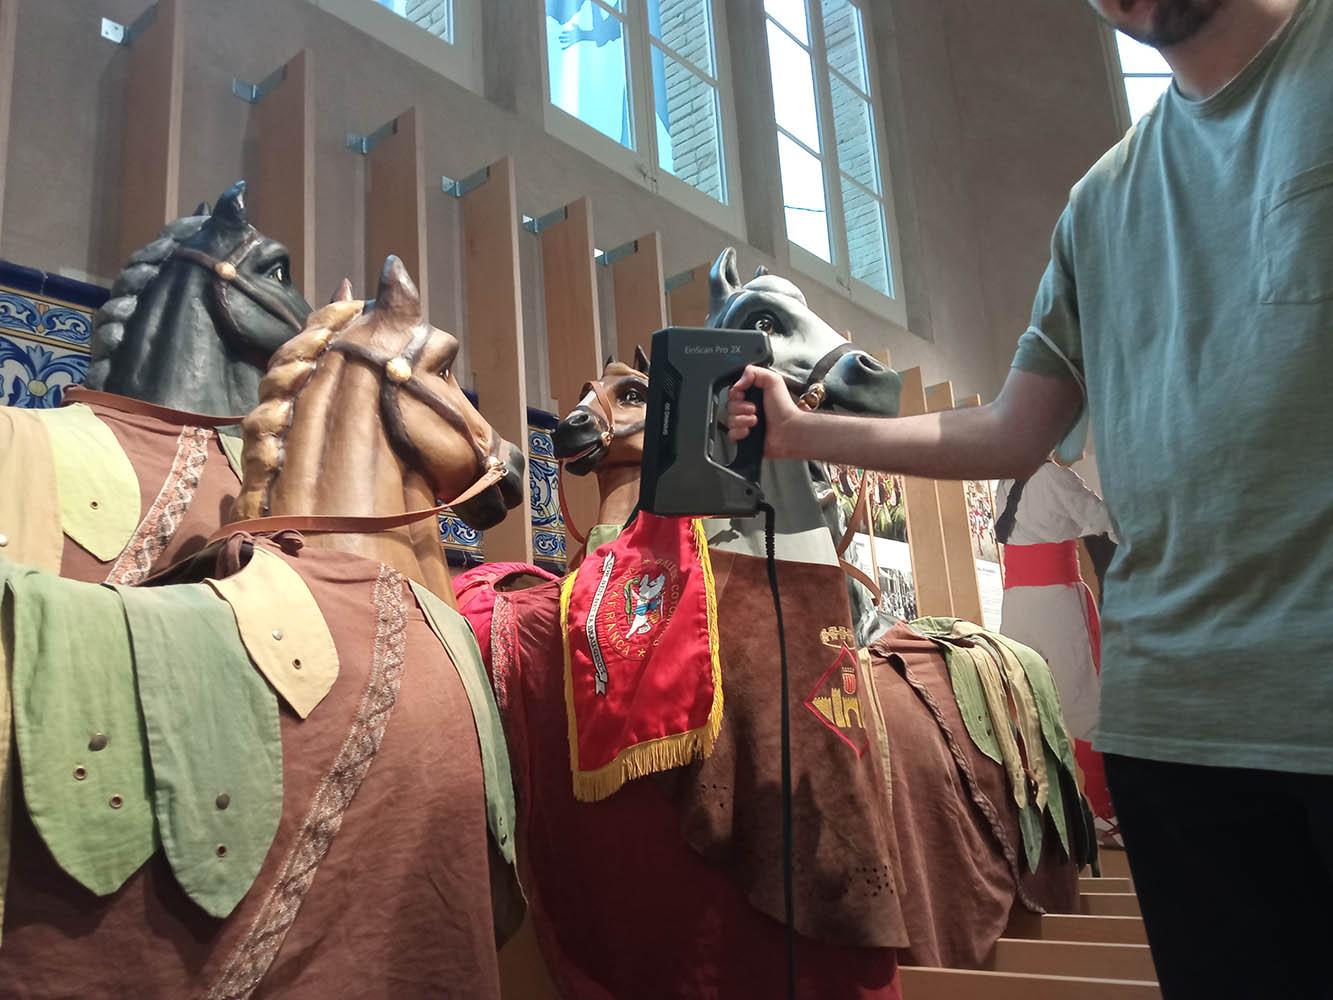 Escaneig de les Cotonines a la Casa de la Festa Major de Vilafranca | Agrupació del Bestiari Festiu